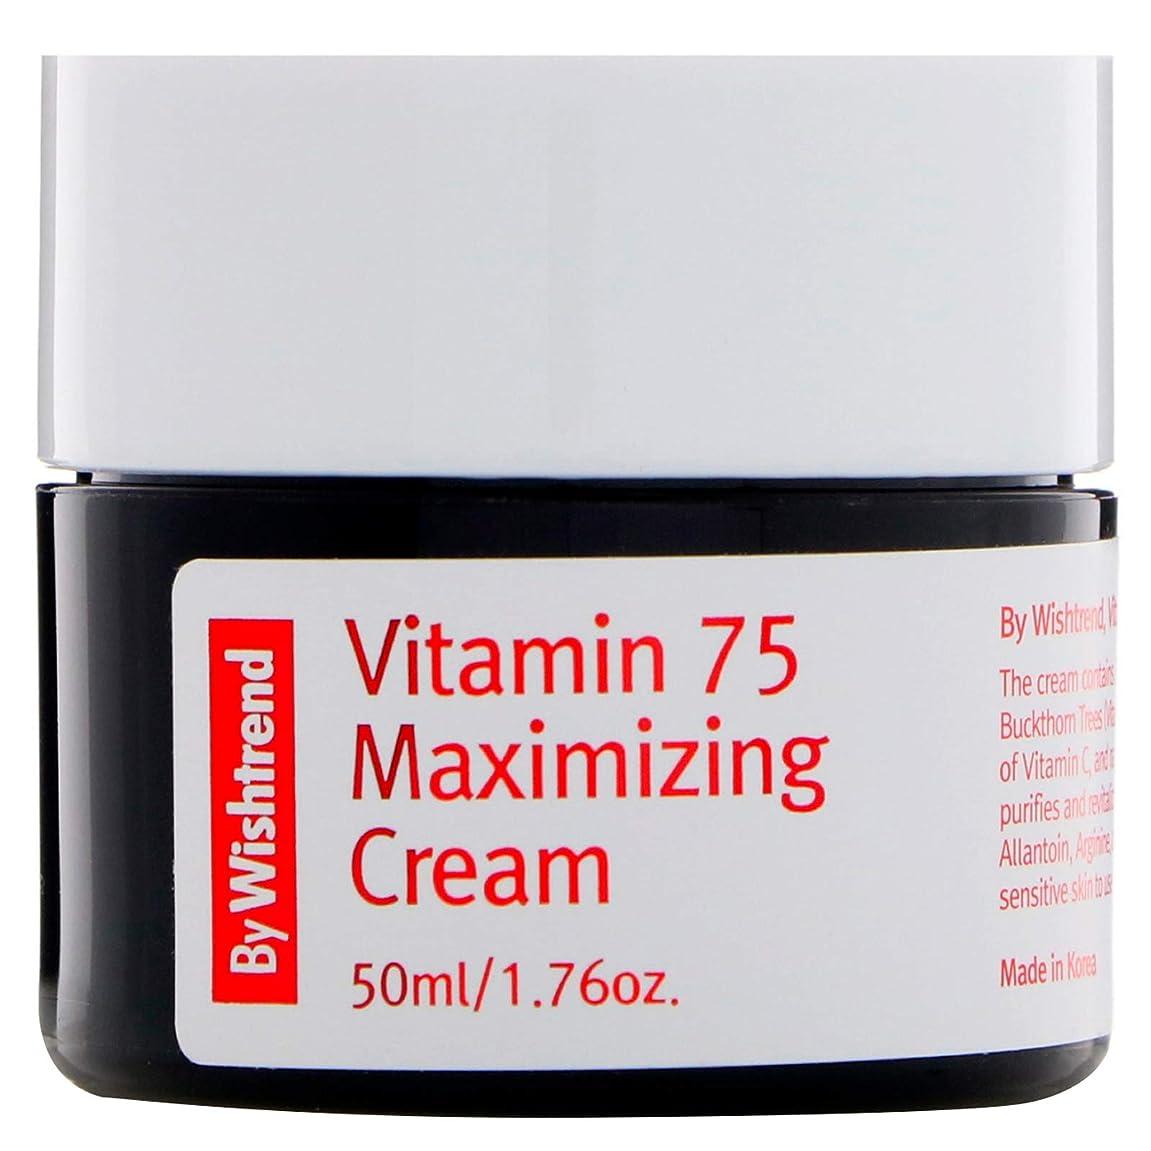 アレンジハードウェア危険を冒します[BY WISHTREND]ビタミン75 マキシマイジング クリーム, Vitamin 75 Maximizing Cream [並行輸入品]